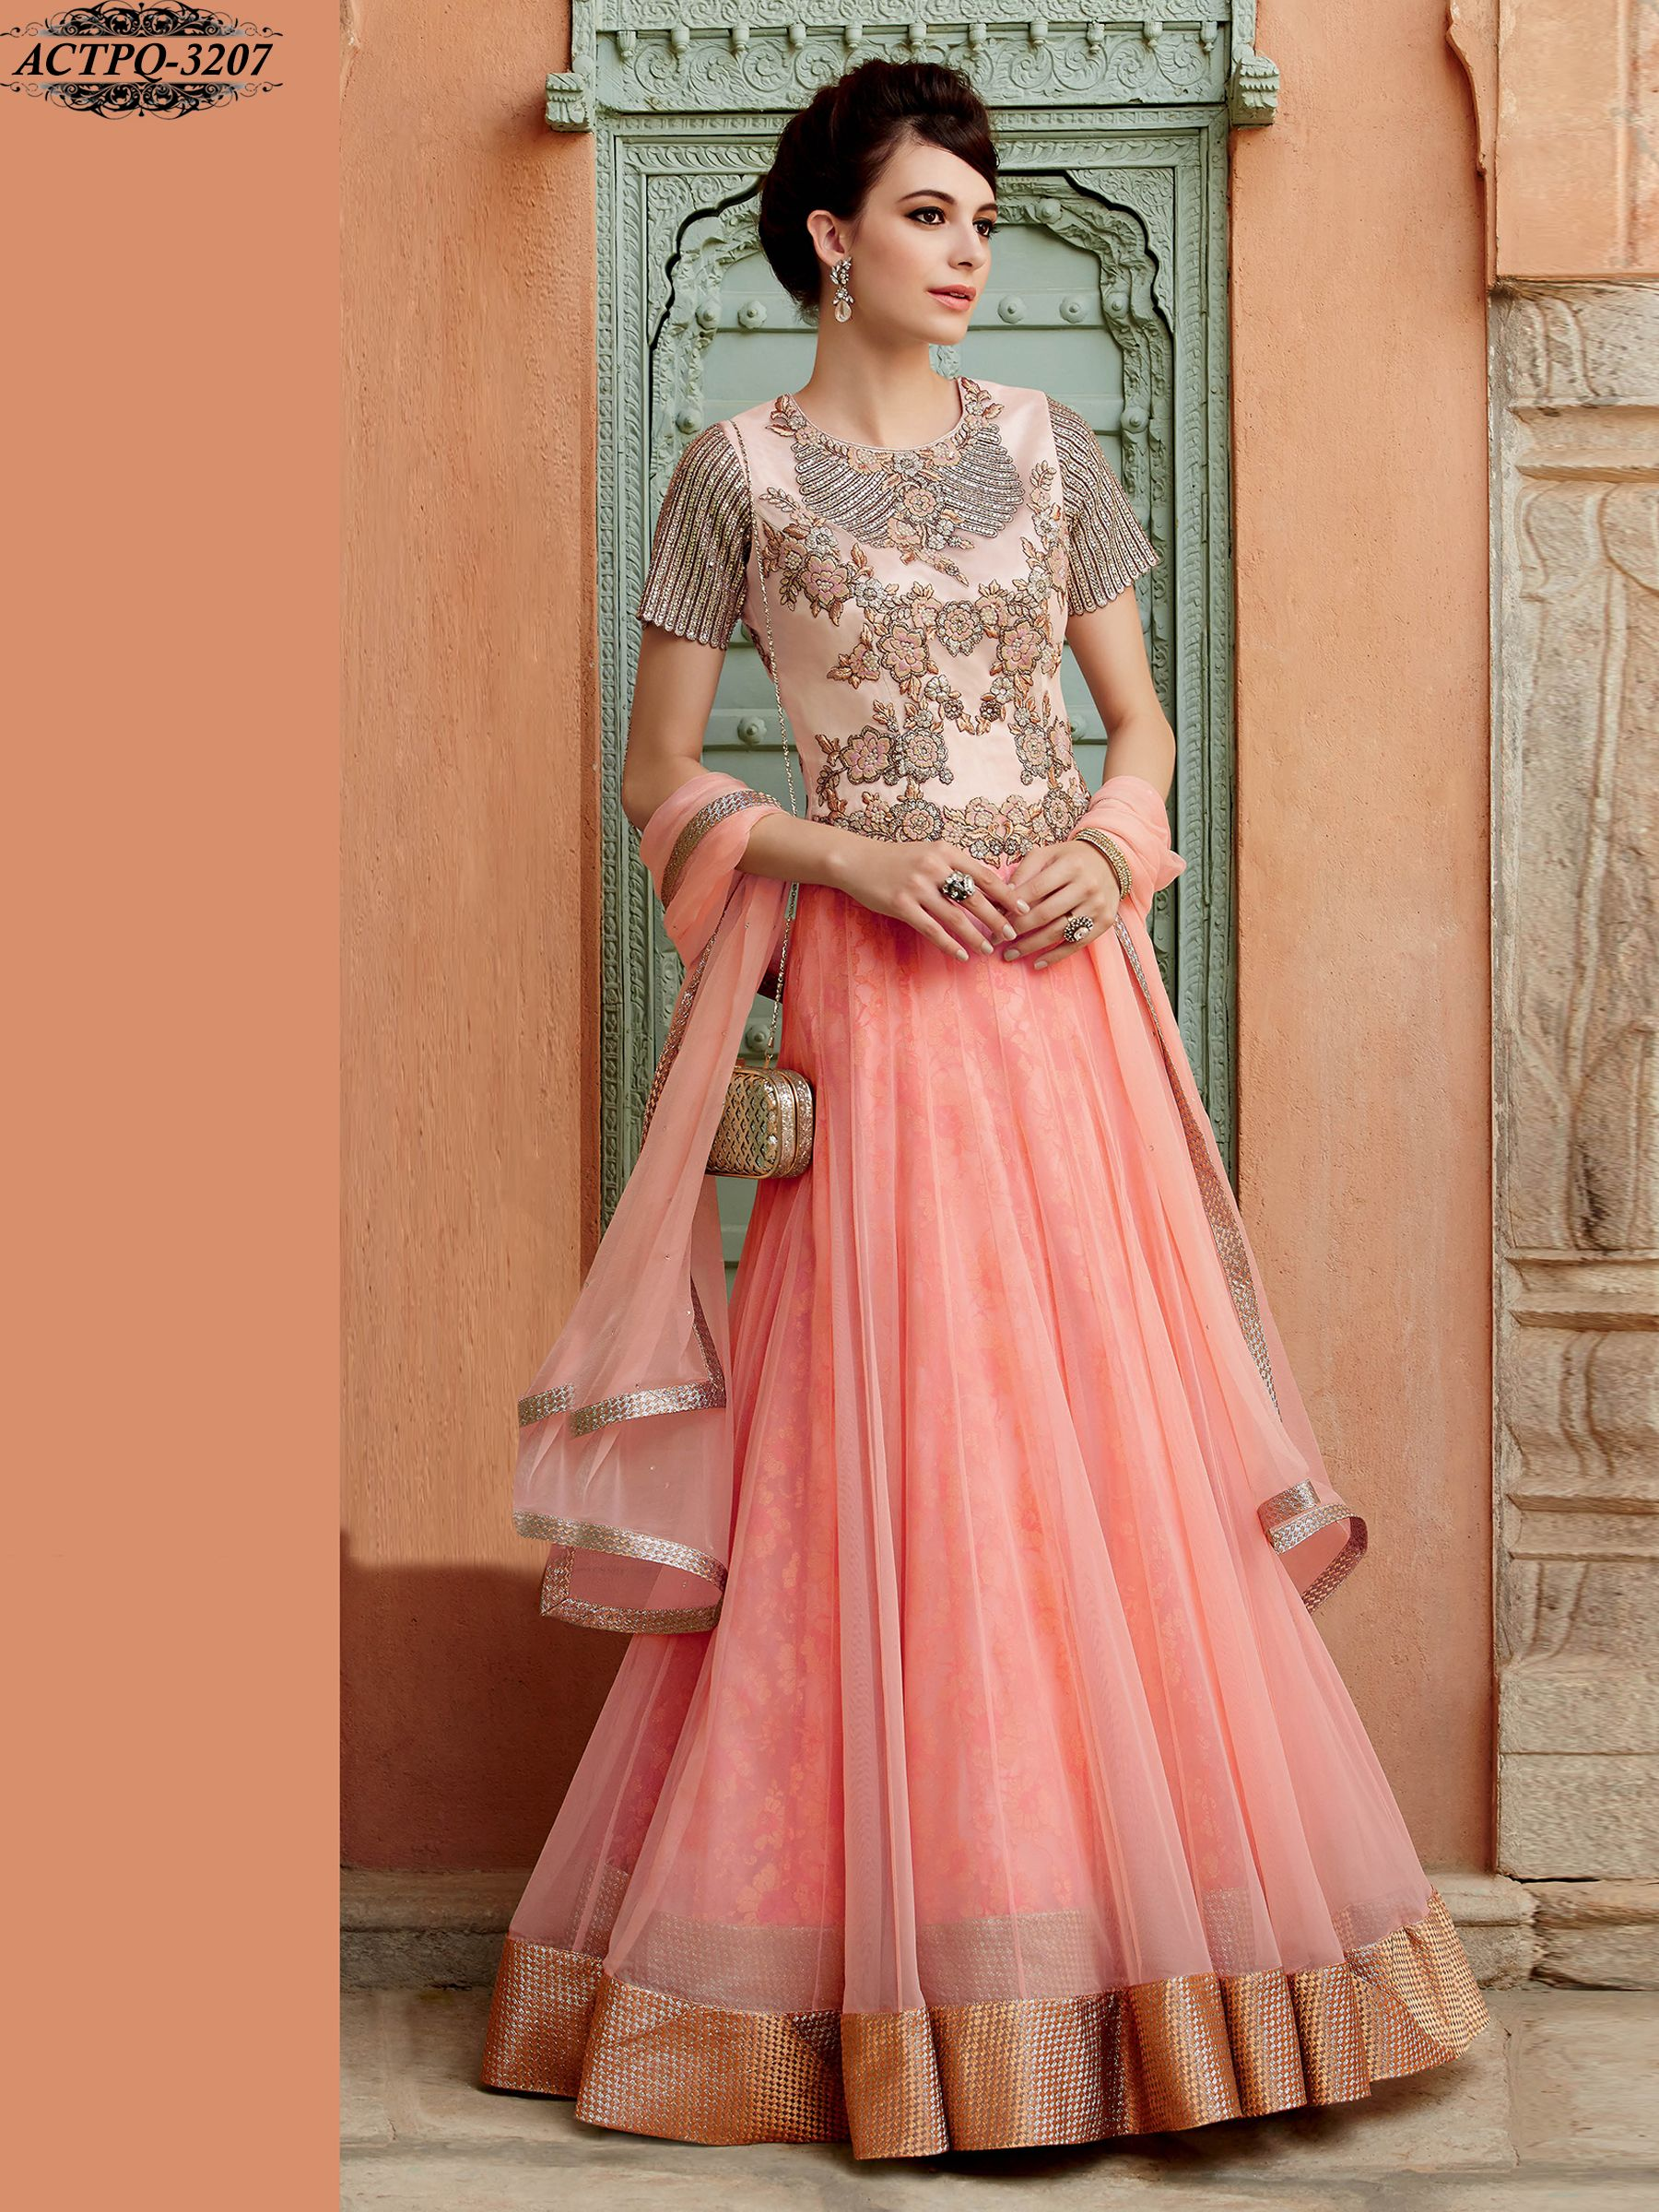 Designer salwar kameez mesmeric peach color net designer suit - Pink Color Net Anarkali Shop Now Www Glamyshop Com Indian Salwar Kameezindian Anarkalidesigner